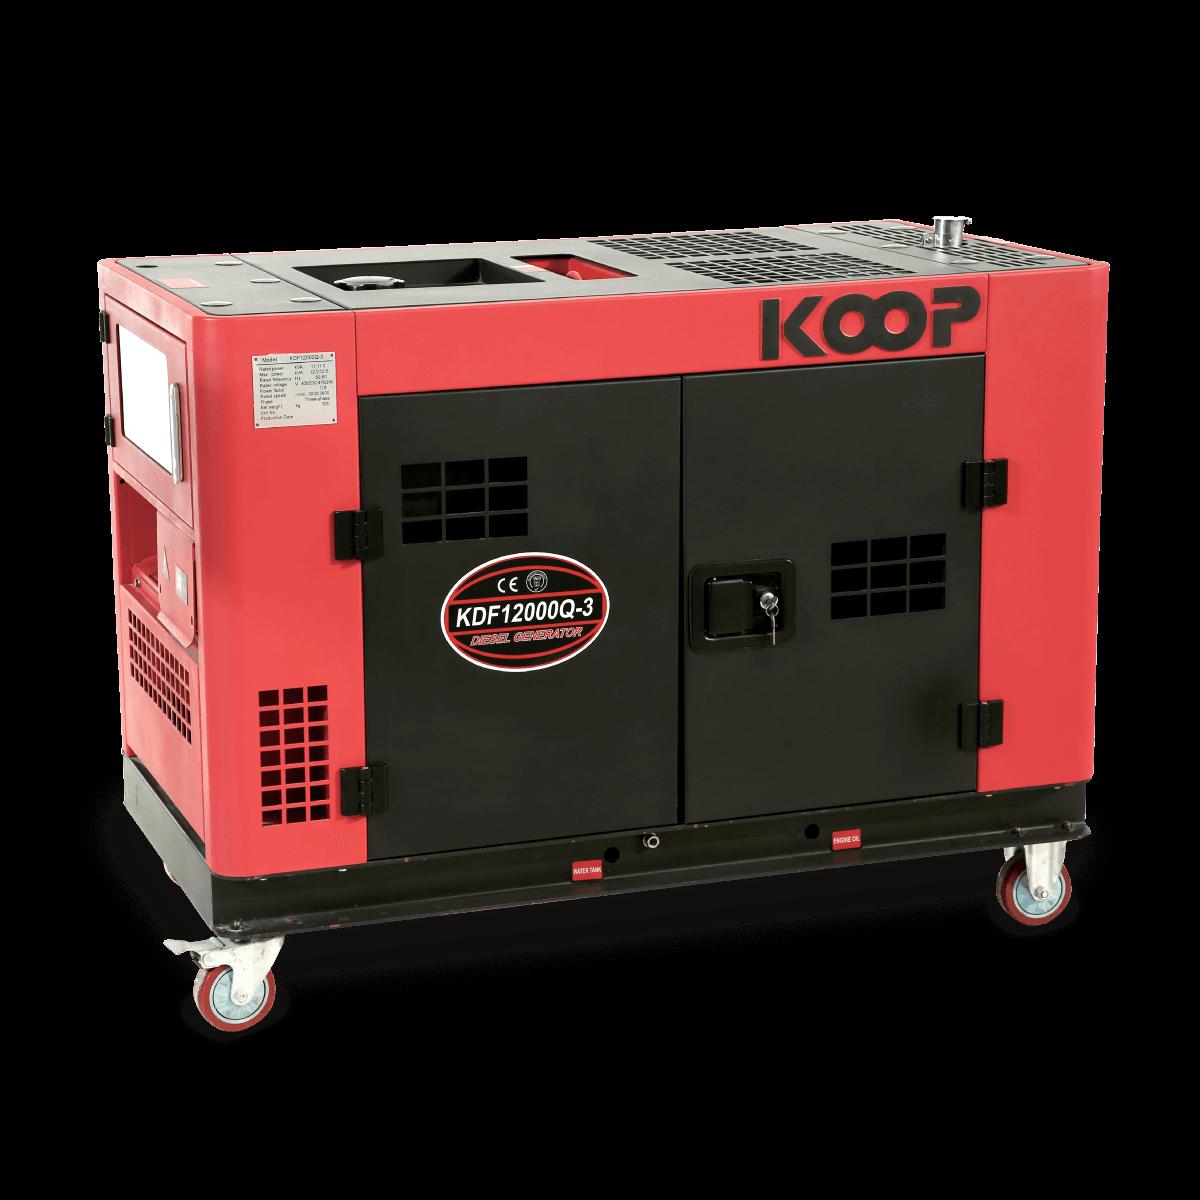 موتور برق های کوپ که برای تولید جریان الکتریکی در مکان های ضروری بسیار می تواند برای شما مفید باشند